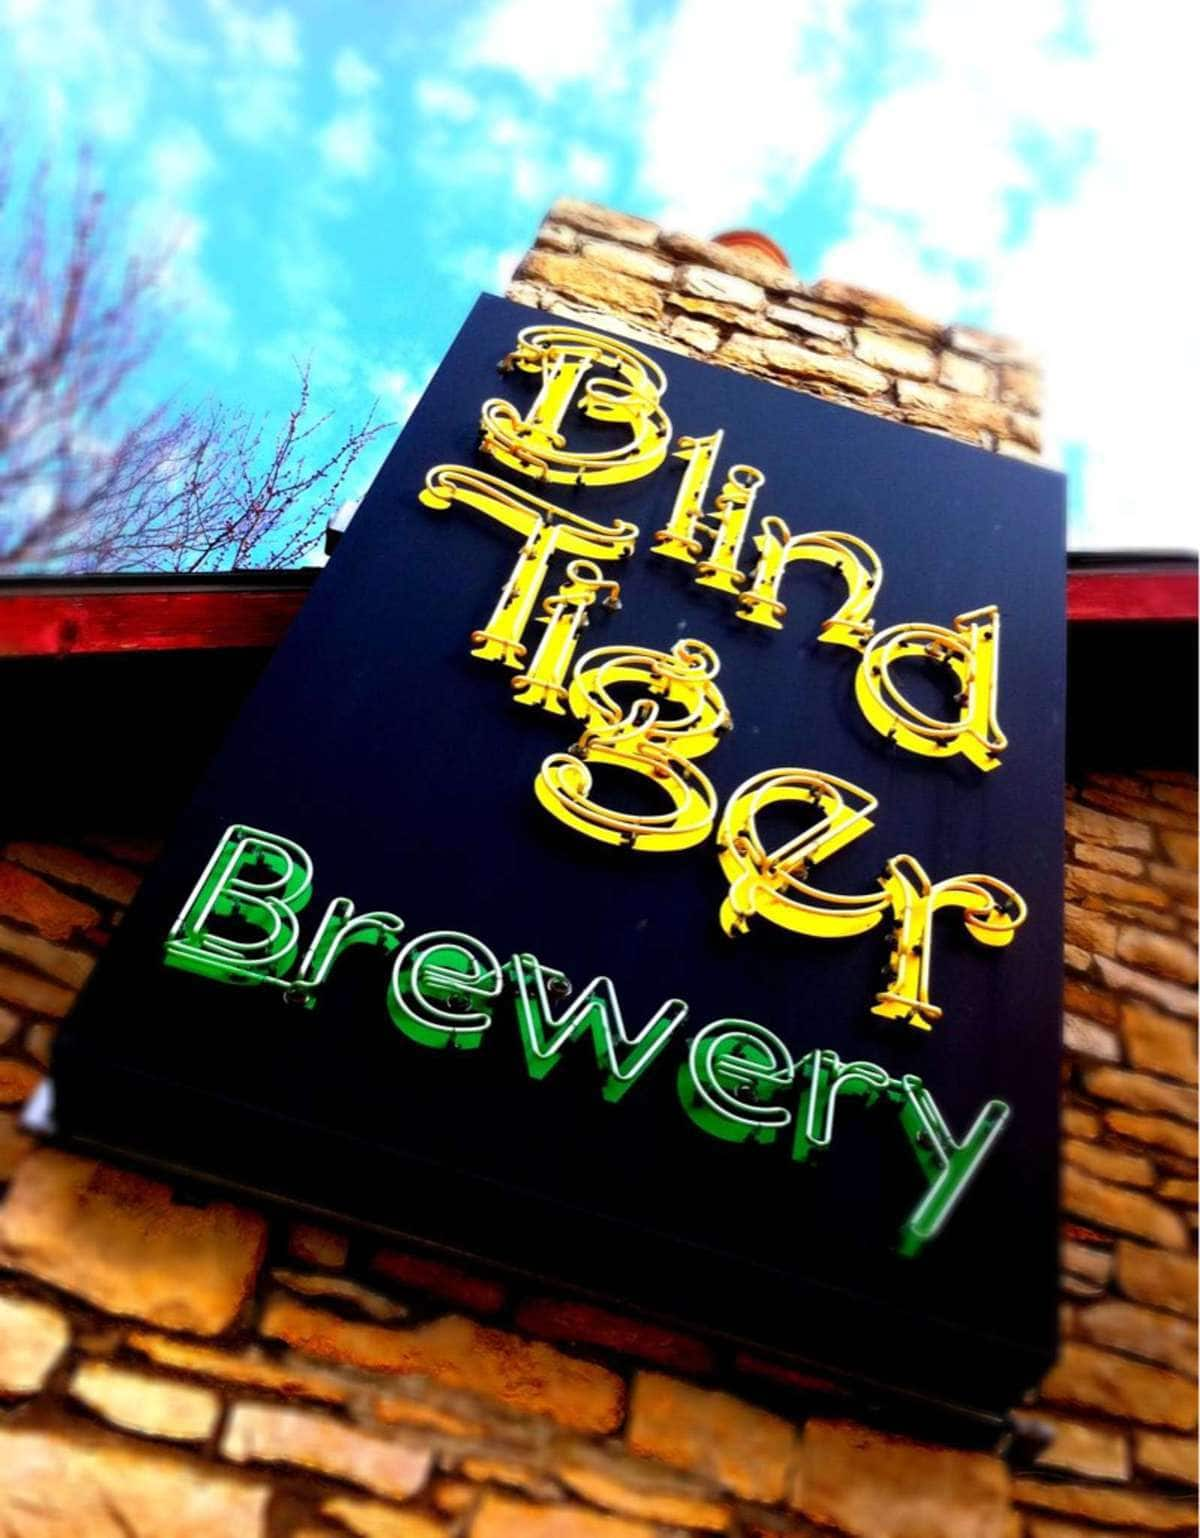 Blind Tiger Brewery & Restaurant